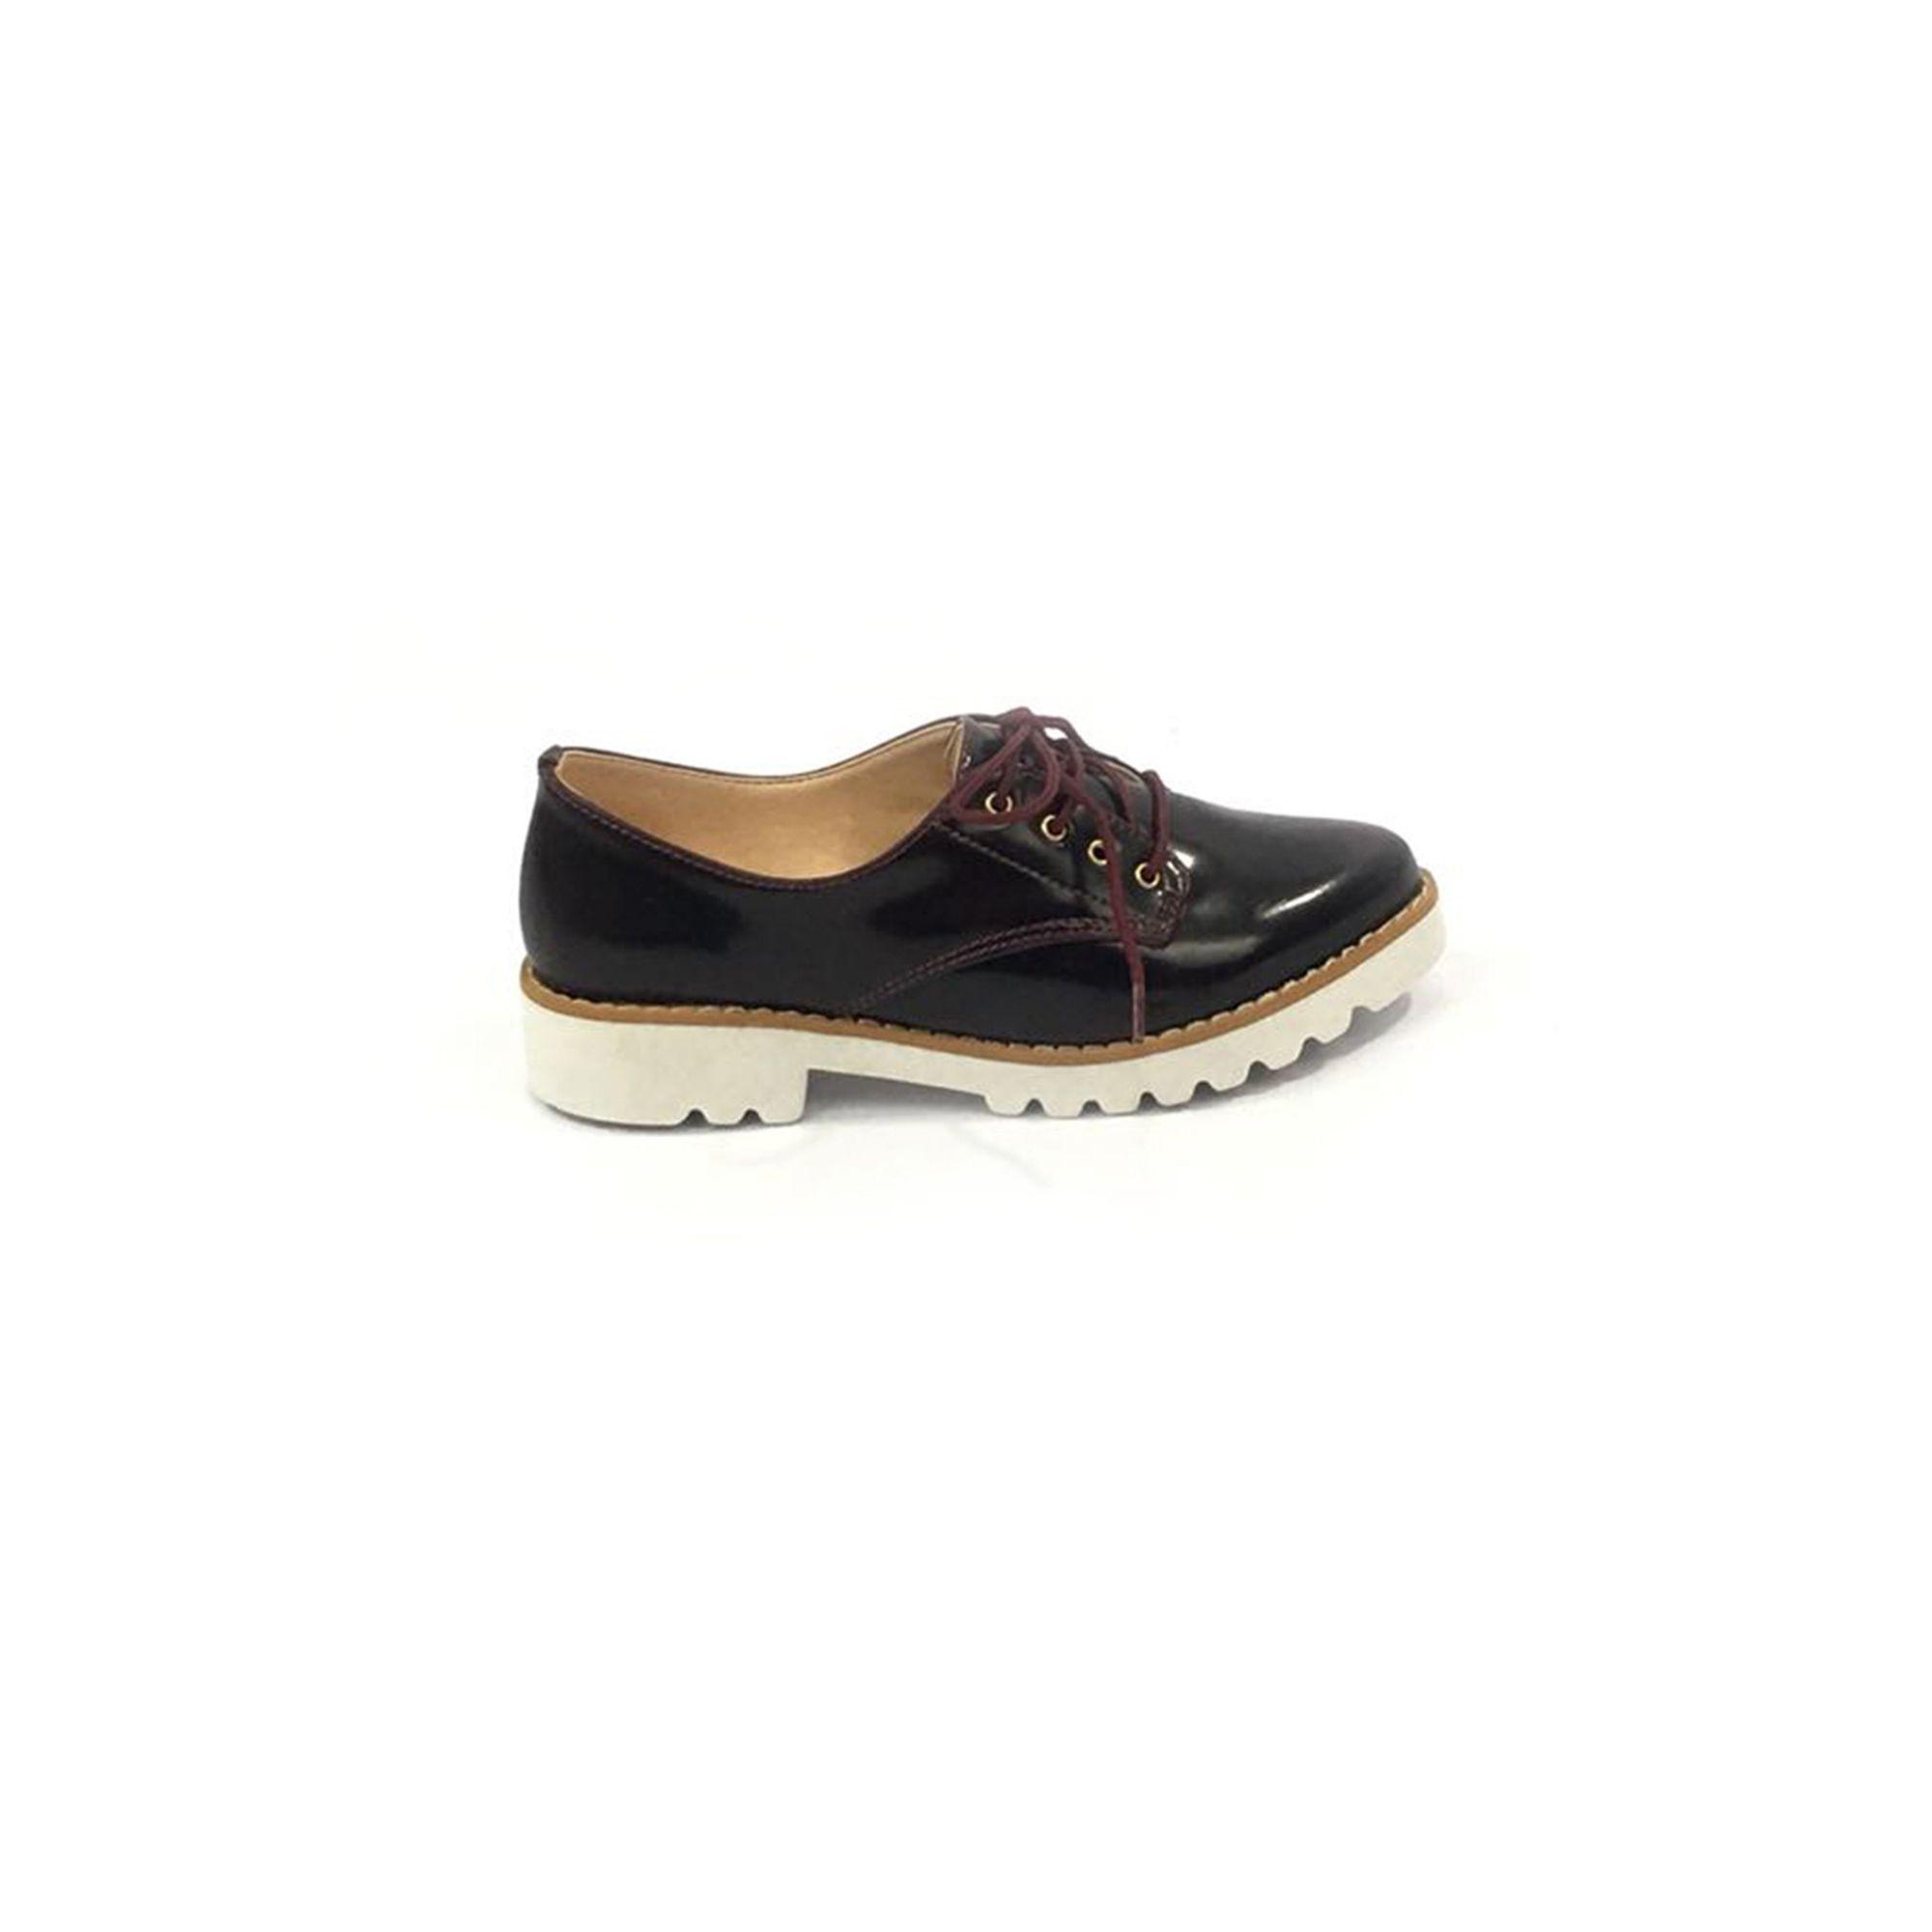 Sapato Feminino Menina Rio 257.6119